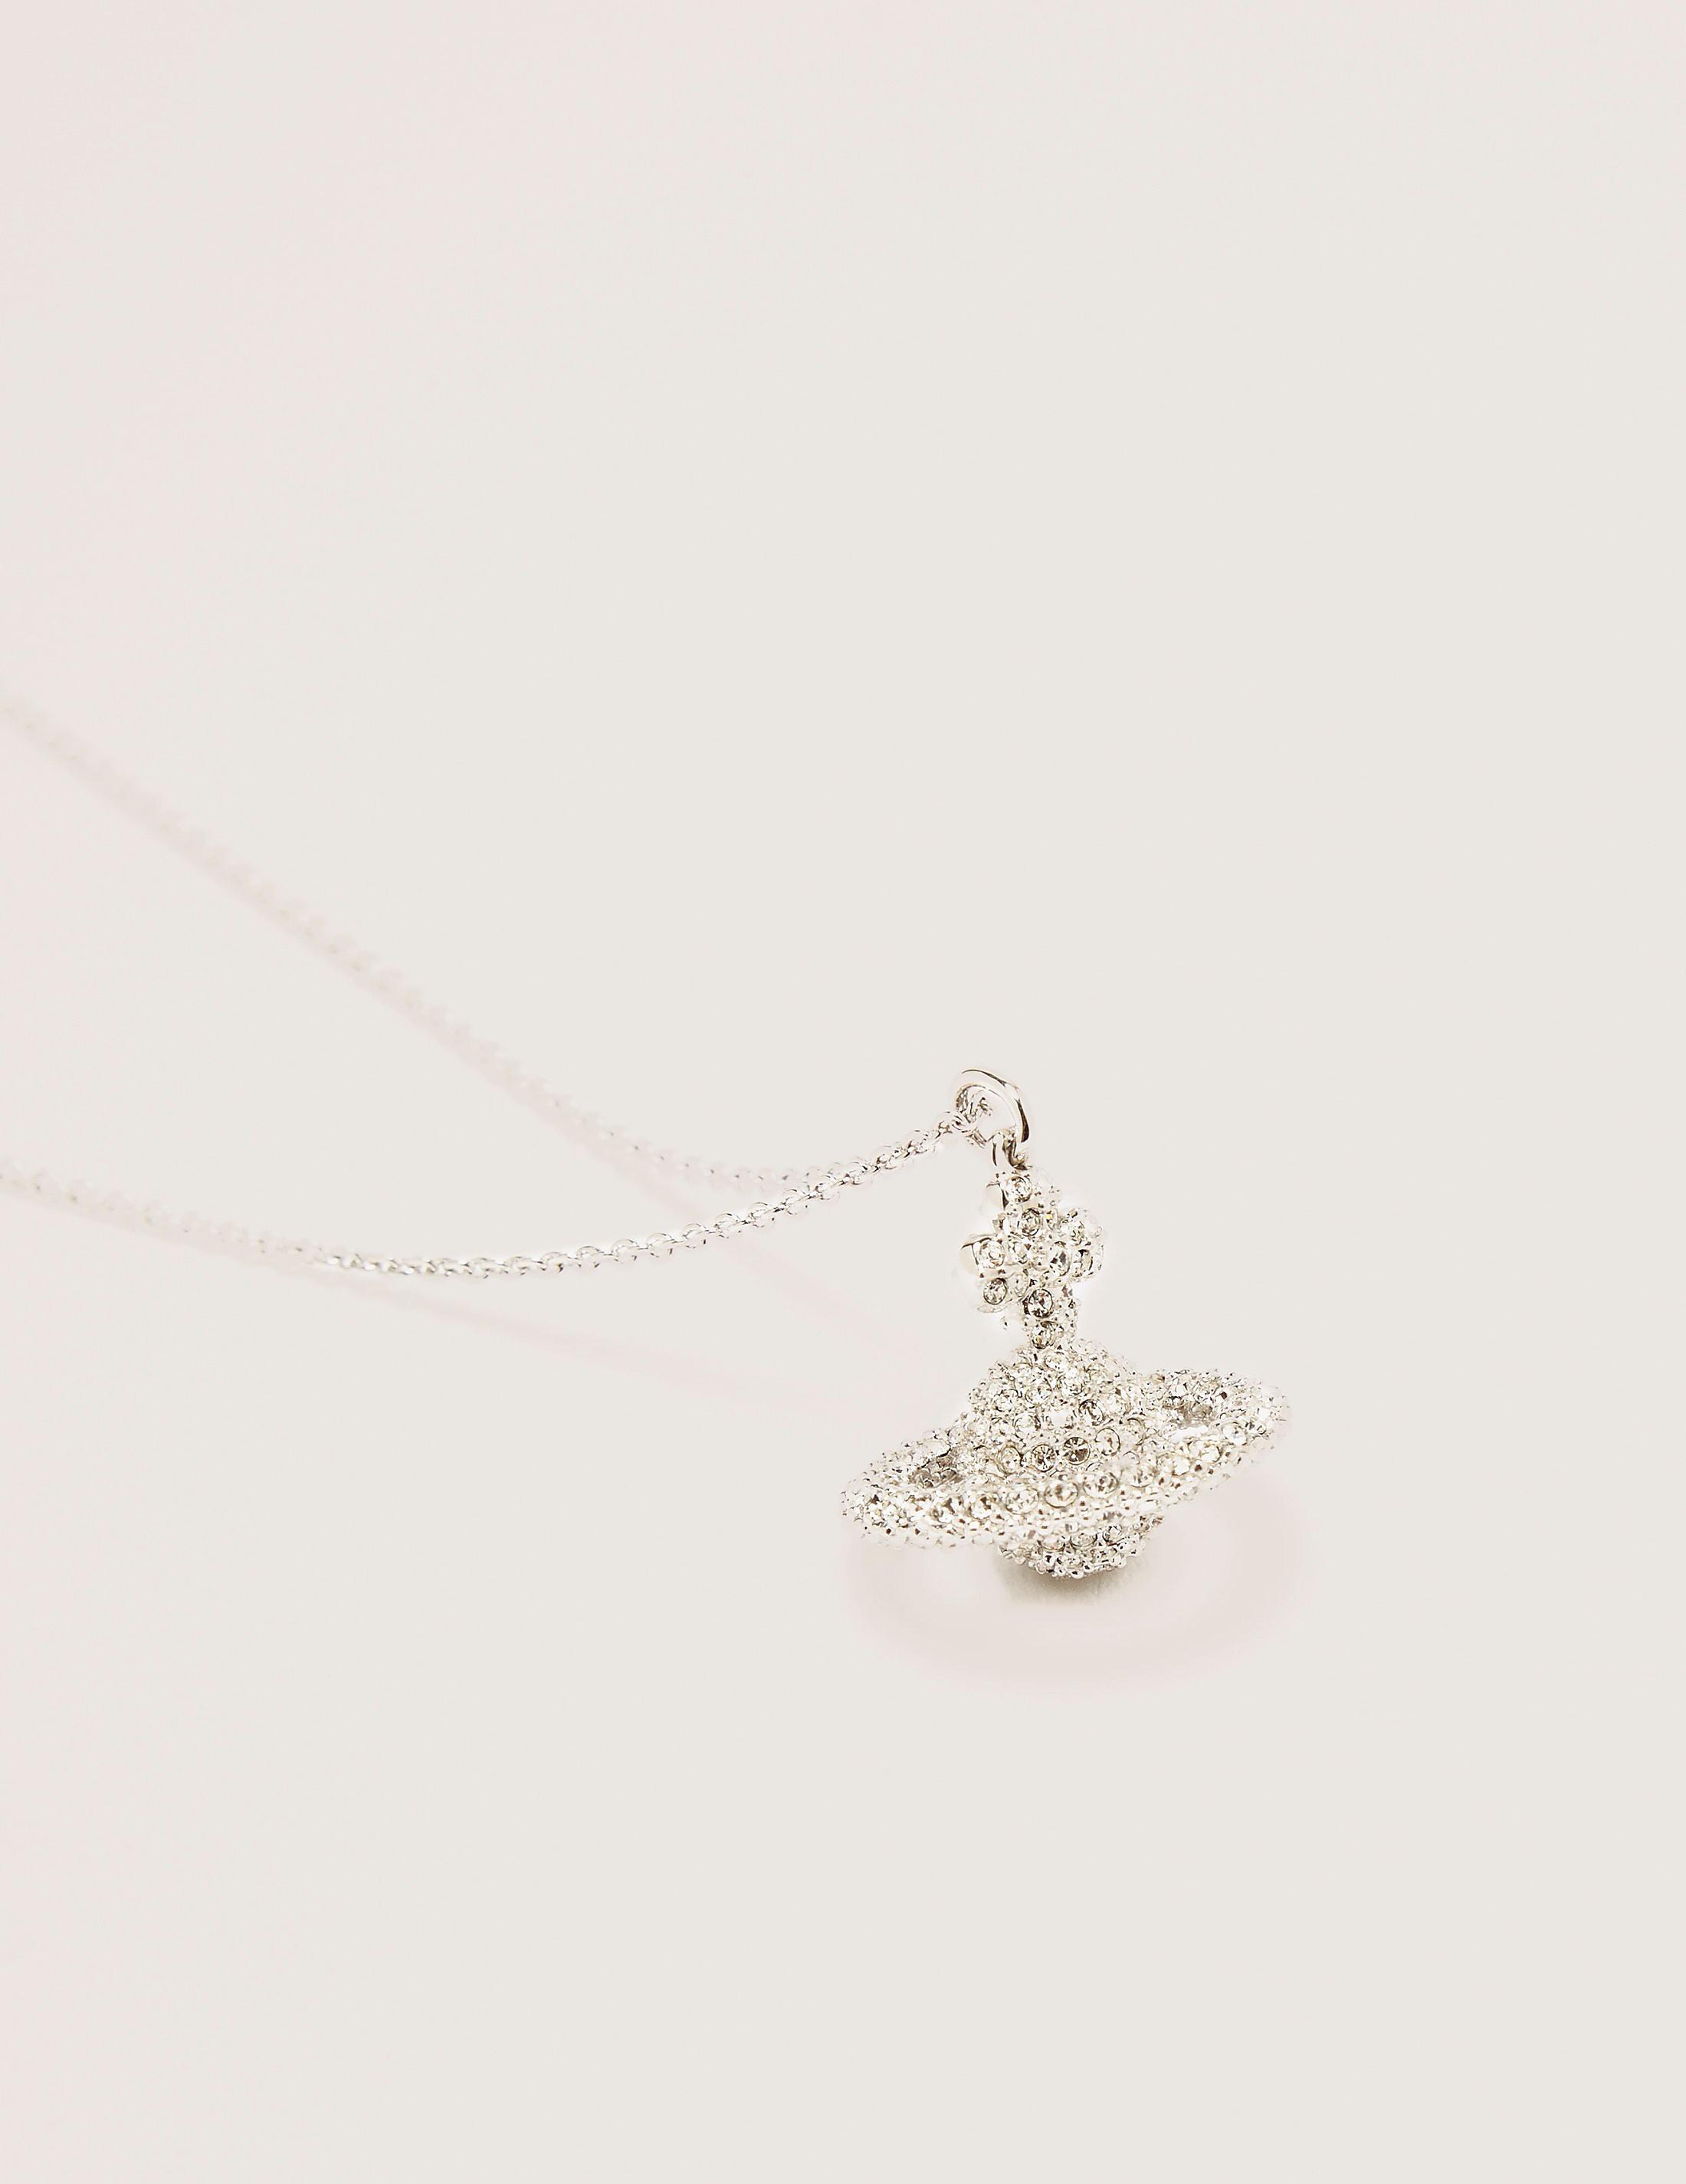 Vivienne Westwood Grace Small Necklace